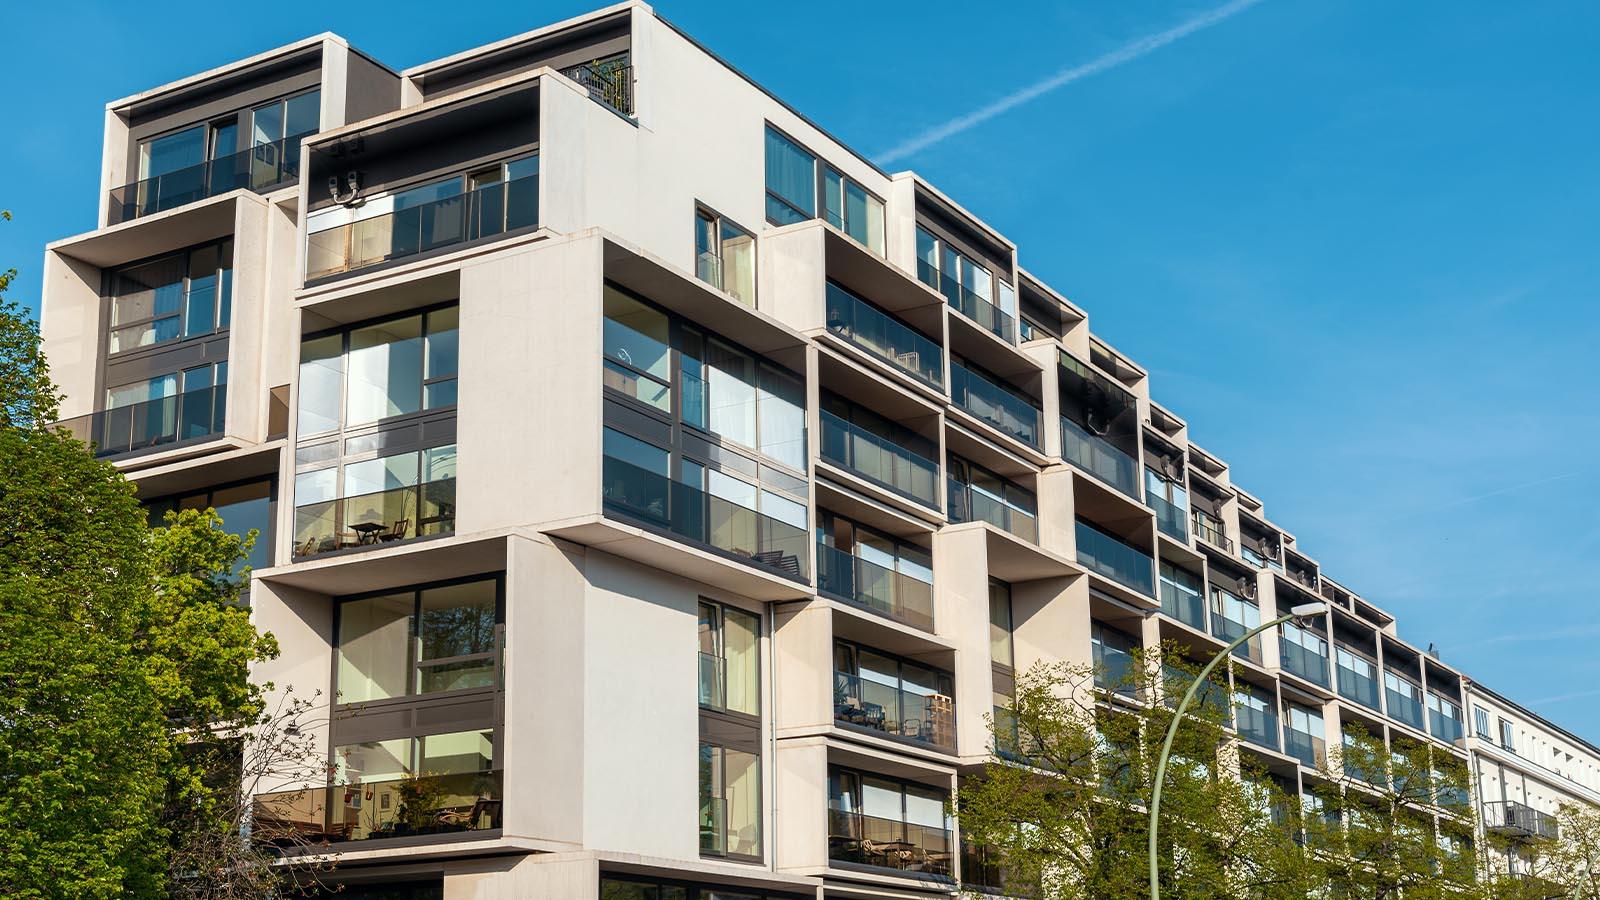 Modernes Gebäude mit großen Fenstern